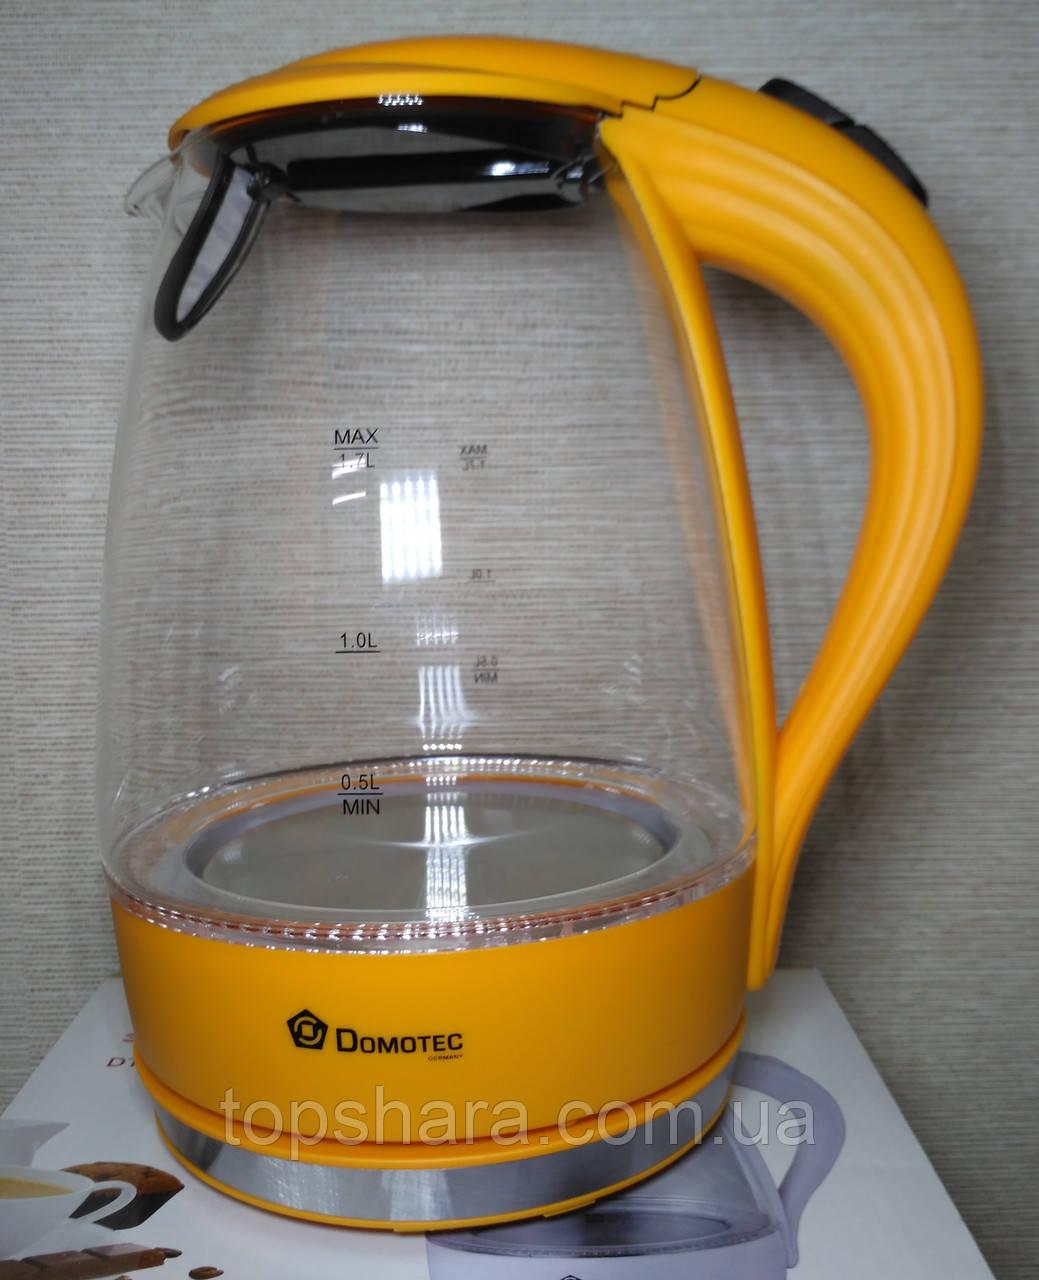 Электрочайник Domotec DT-810 чайник 1.7л. оранжевый